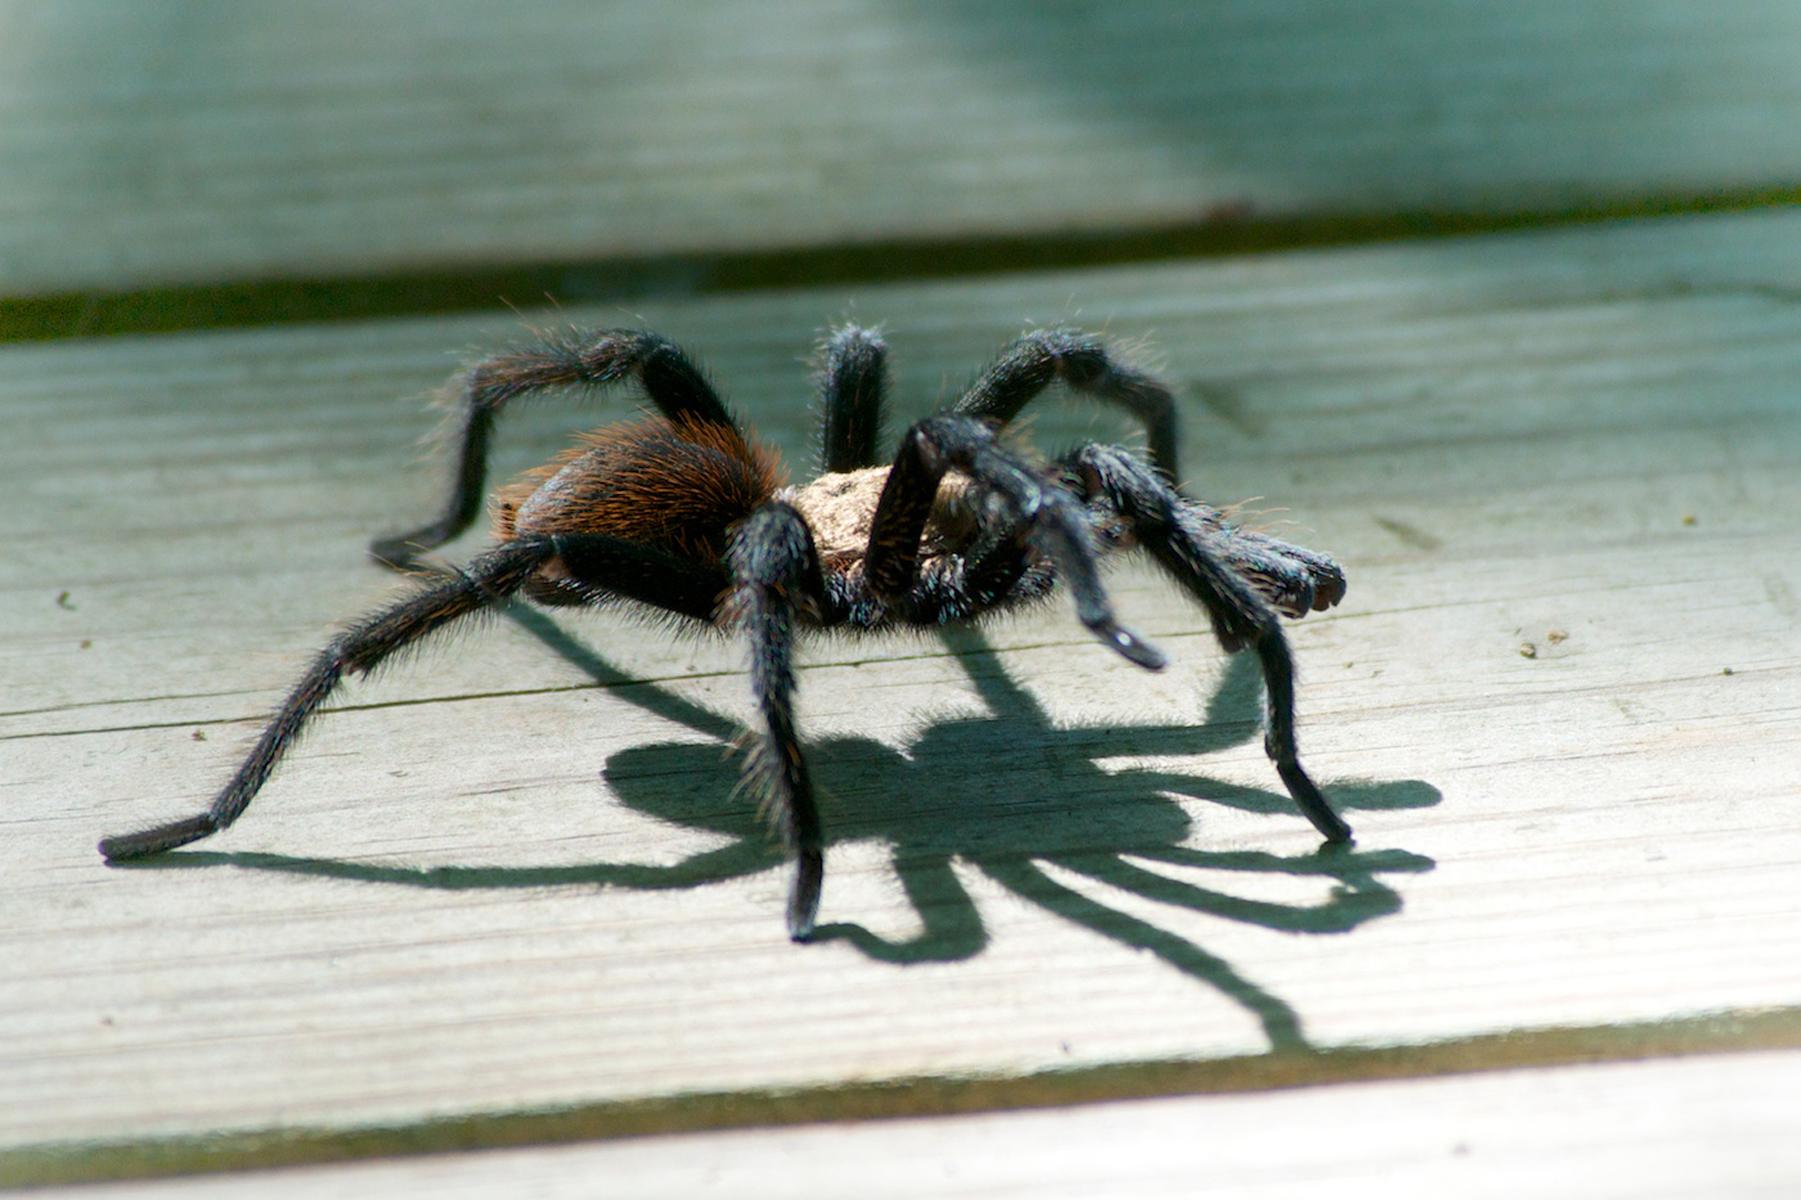 Tarantula - LeeHatfield.jpg